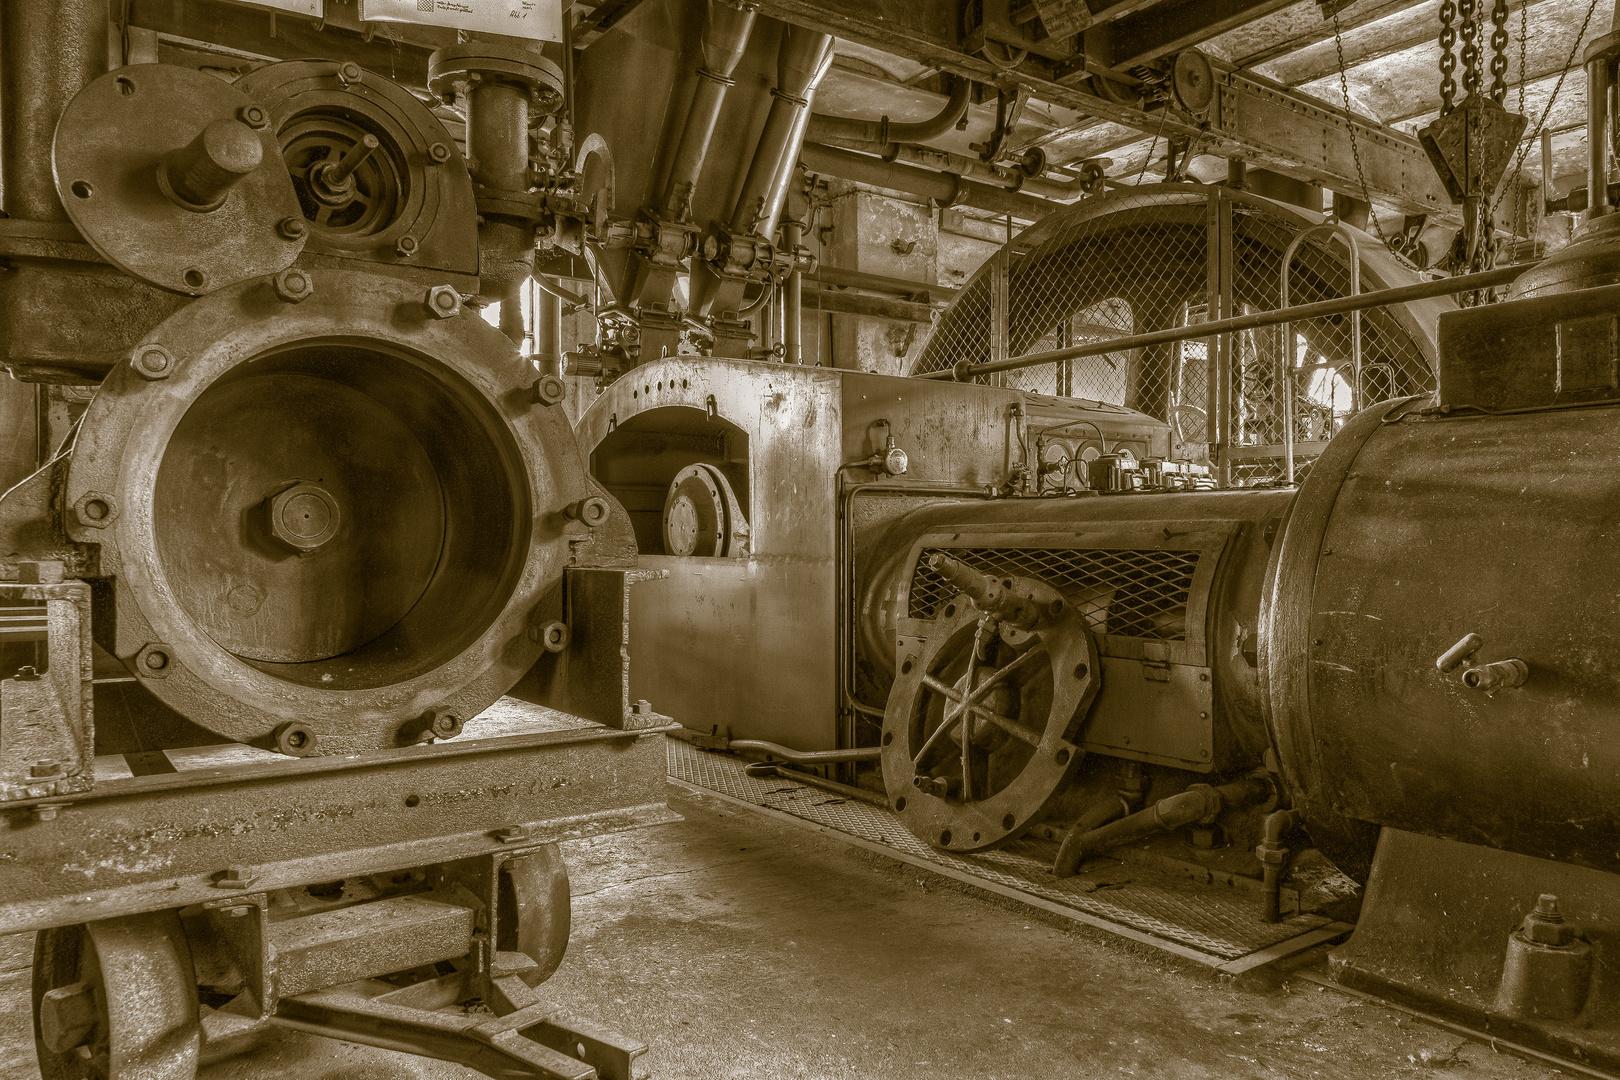 Blick in verlassene Industrieanlage